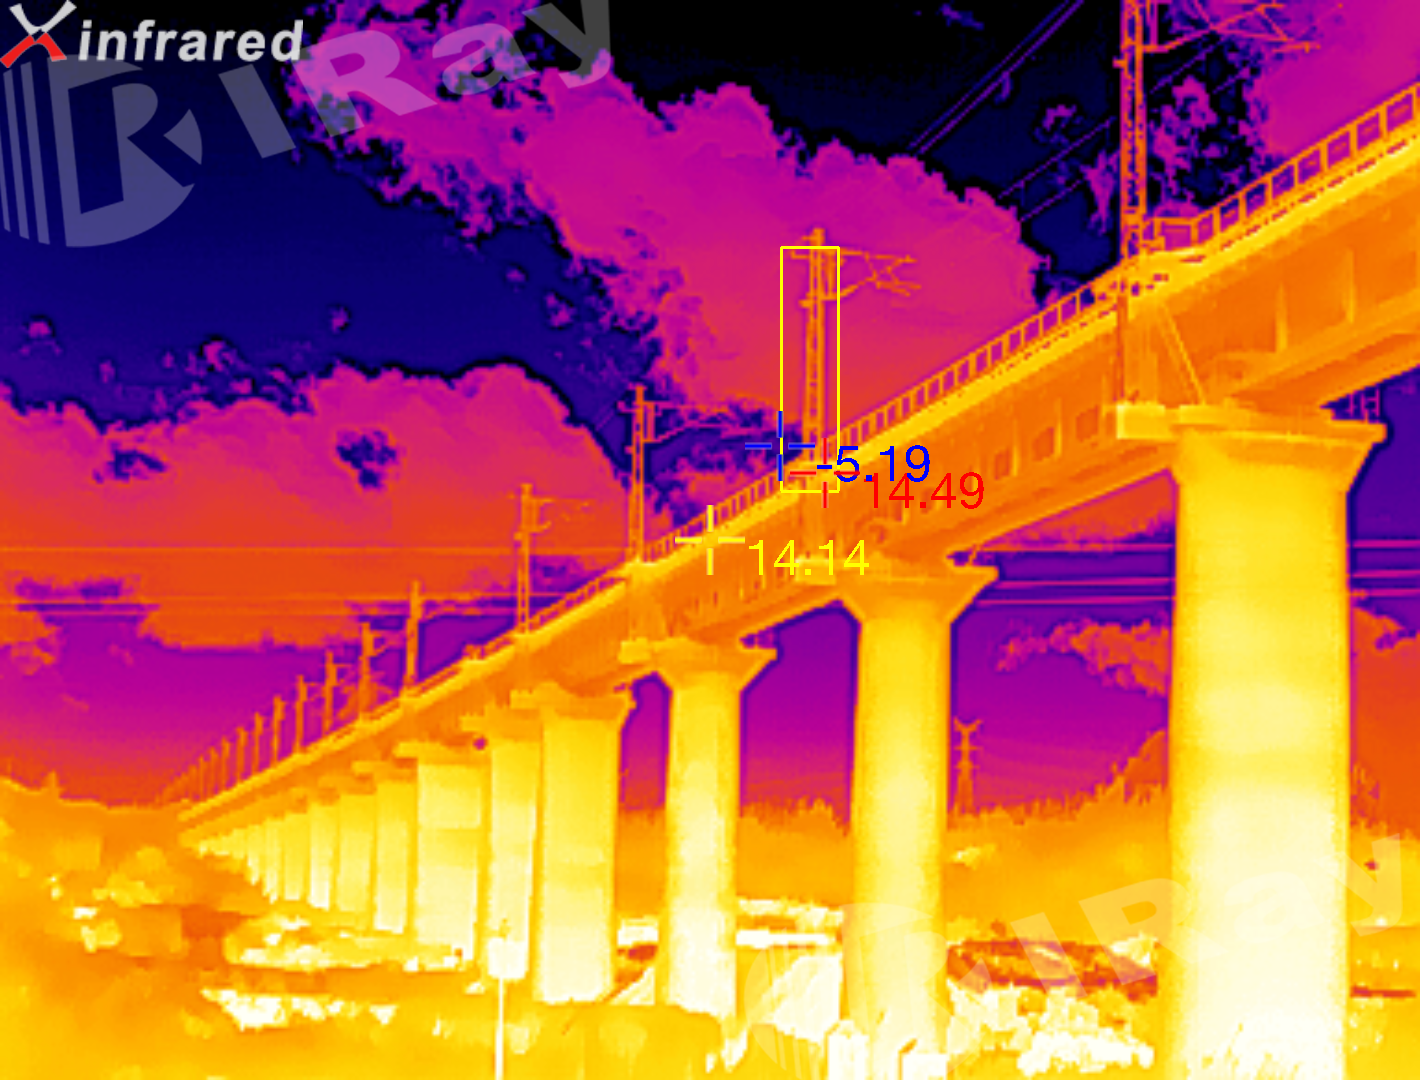 艾睿光电红外热成像仪应用于轨道检测